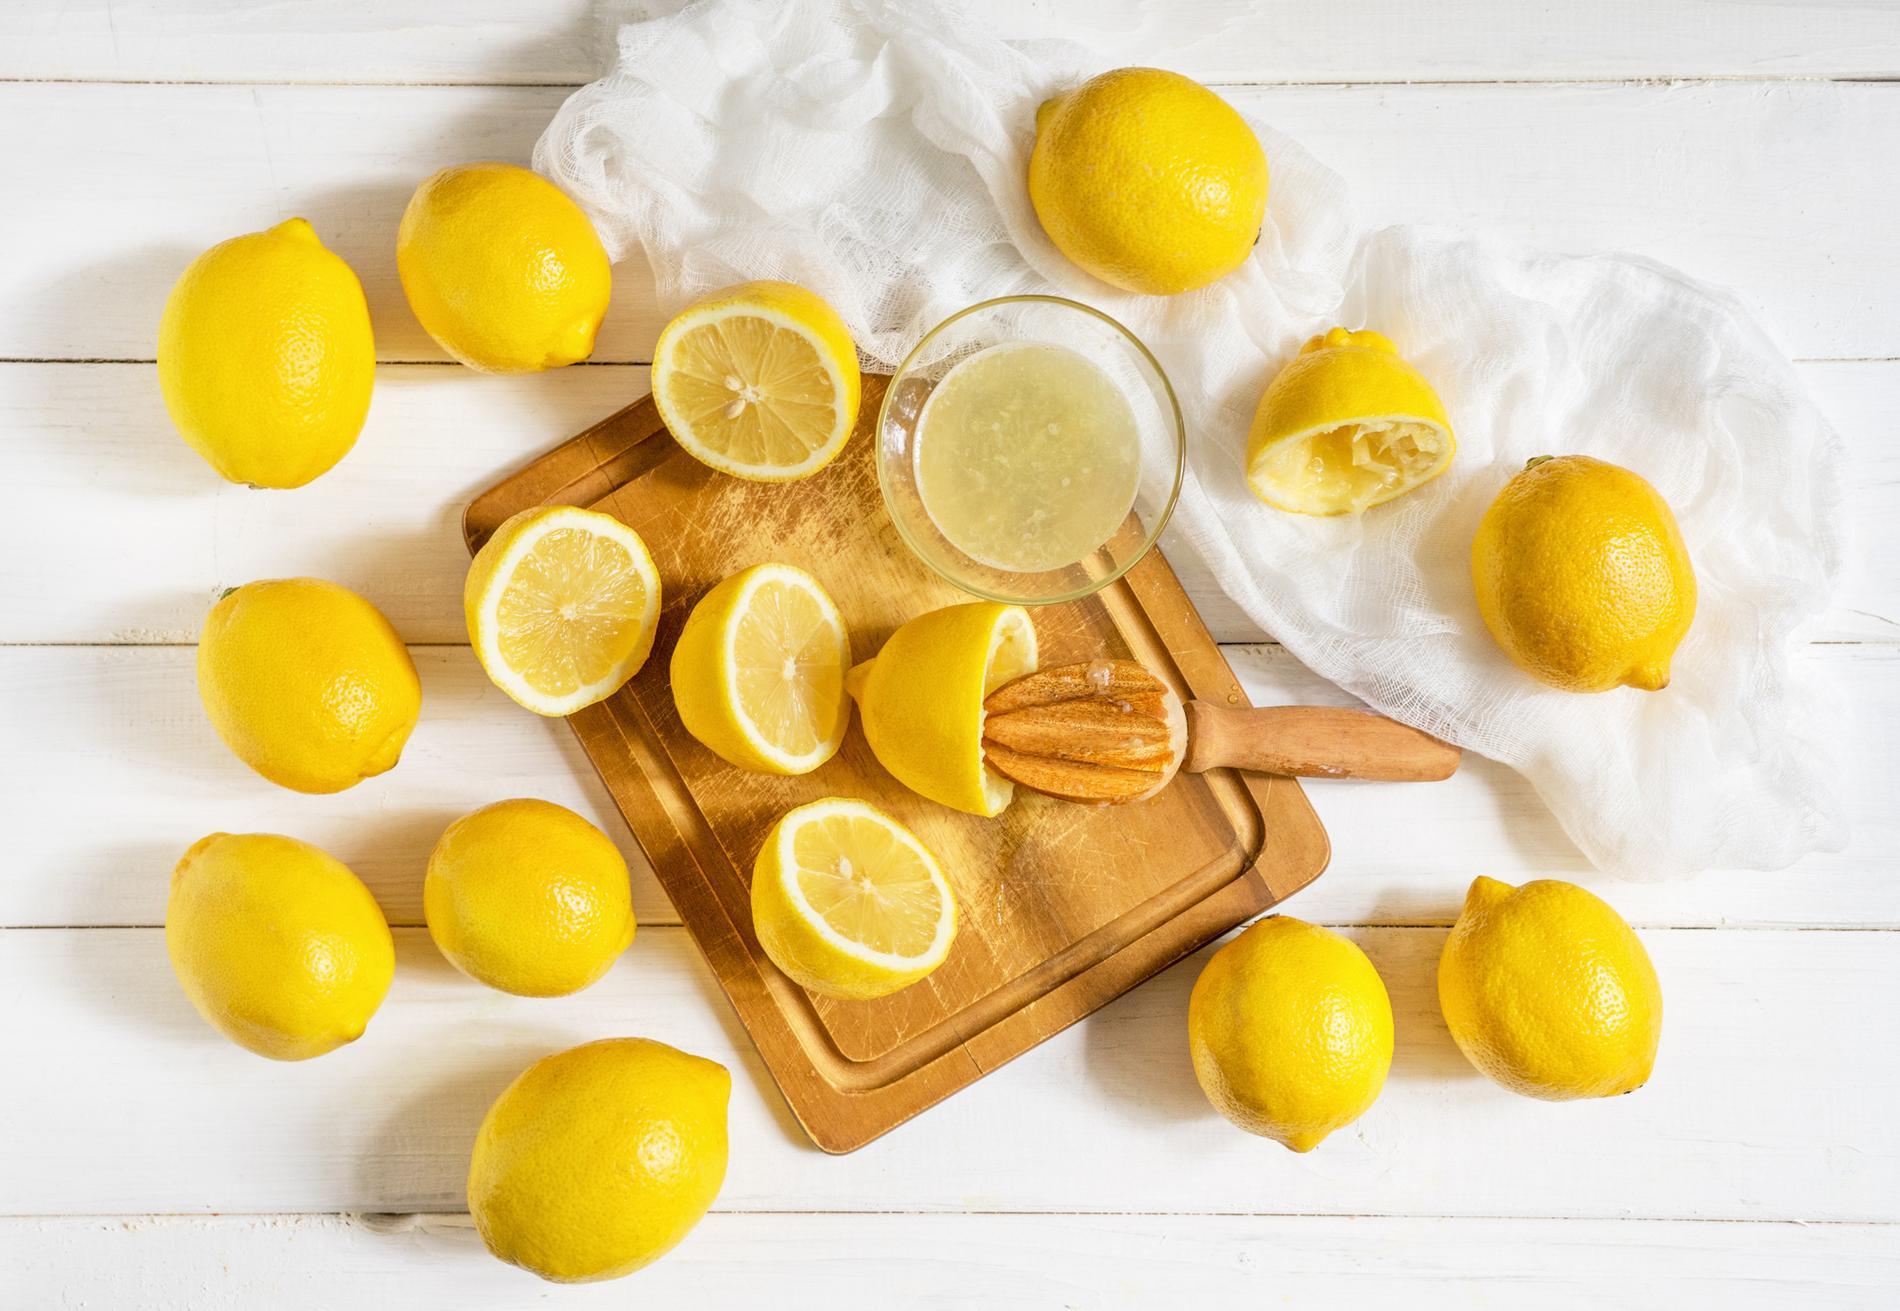 Perdre du poids jus de citron - Apizen.fr